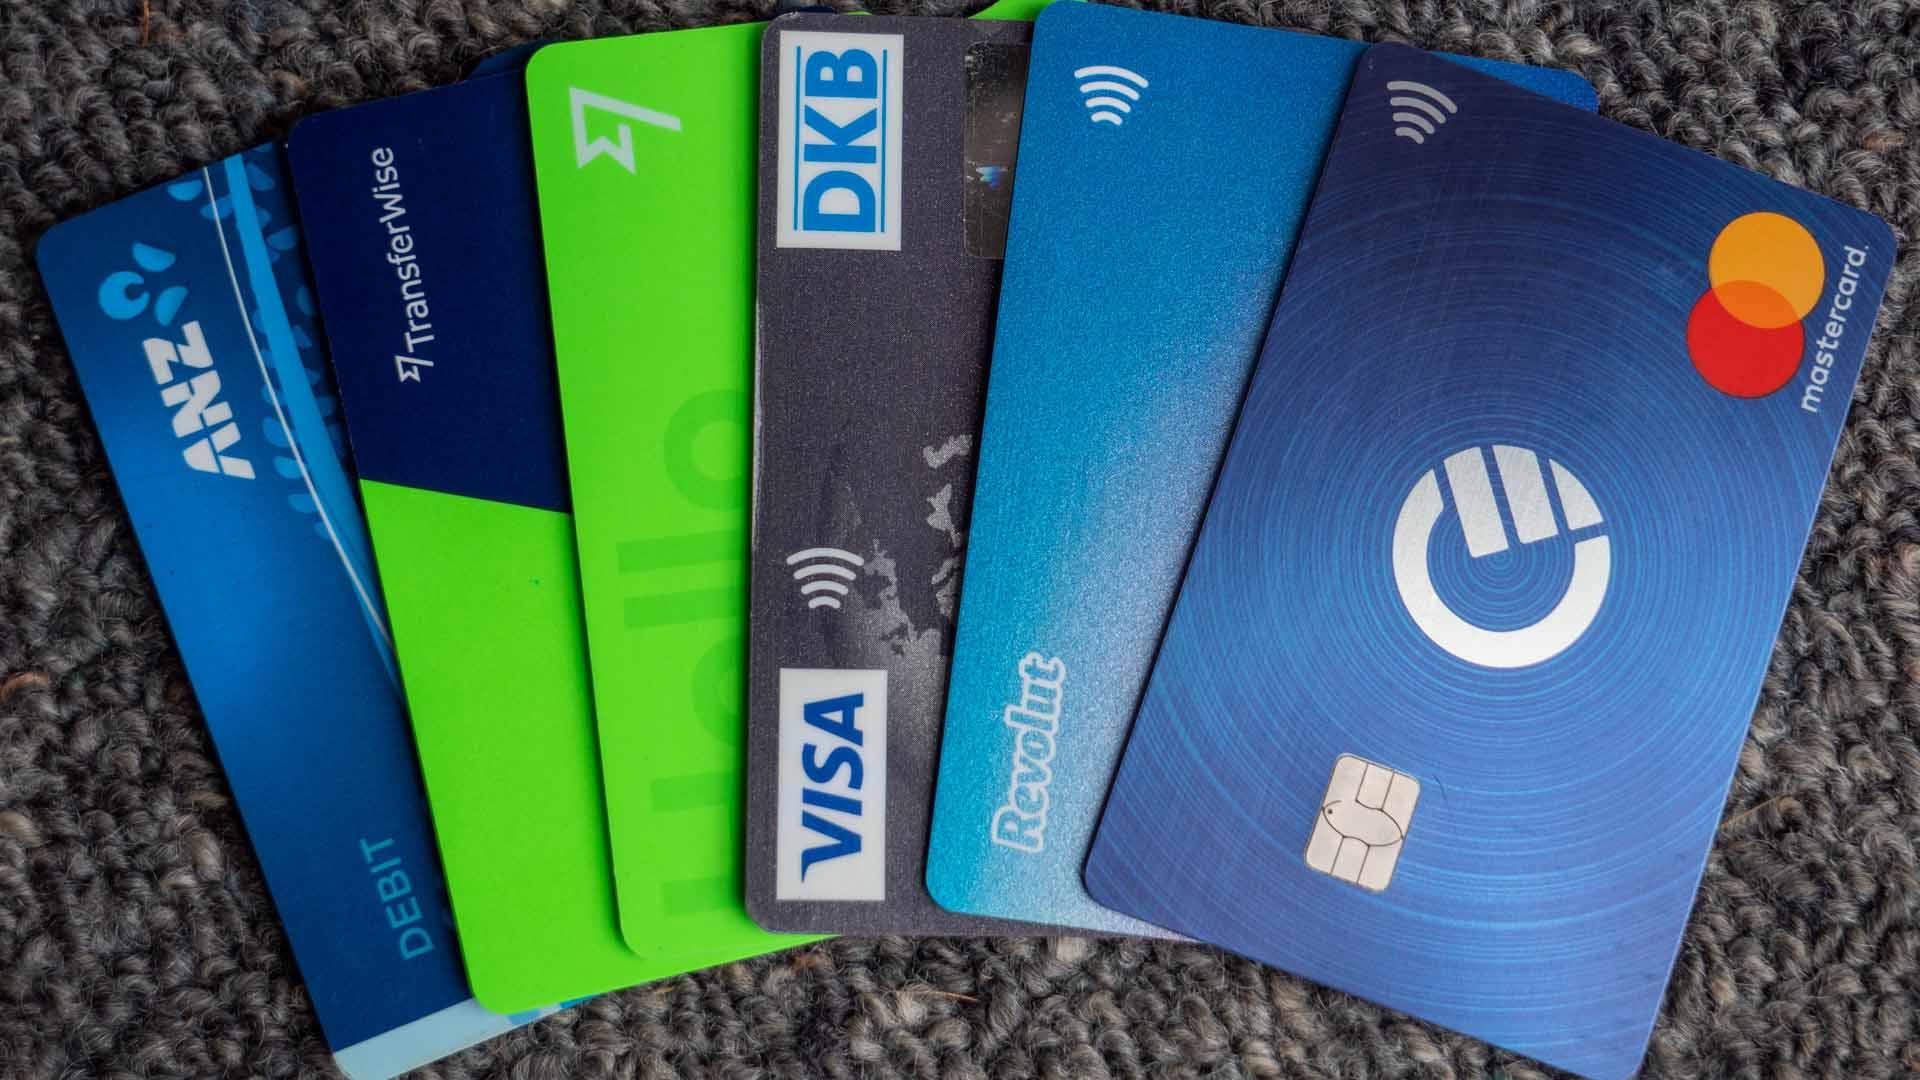 Unsere Kreditkarten die nutzen